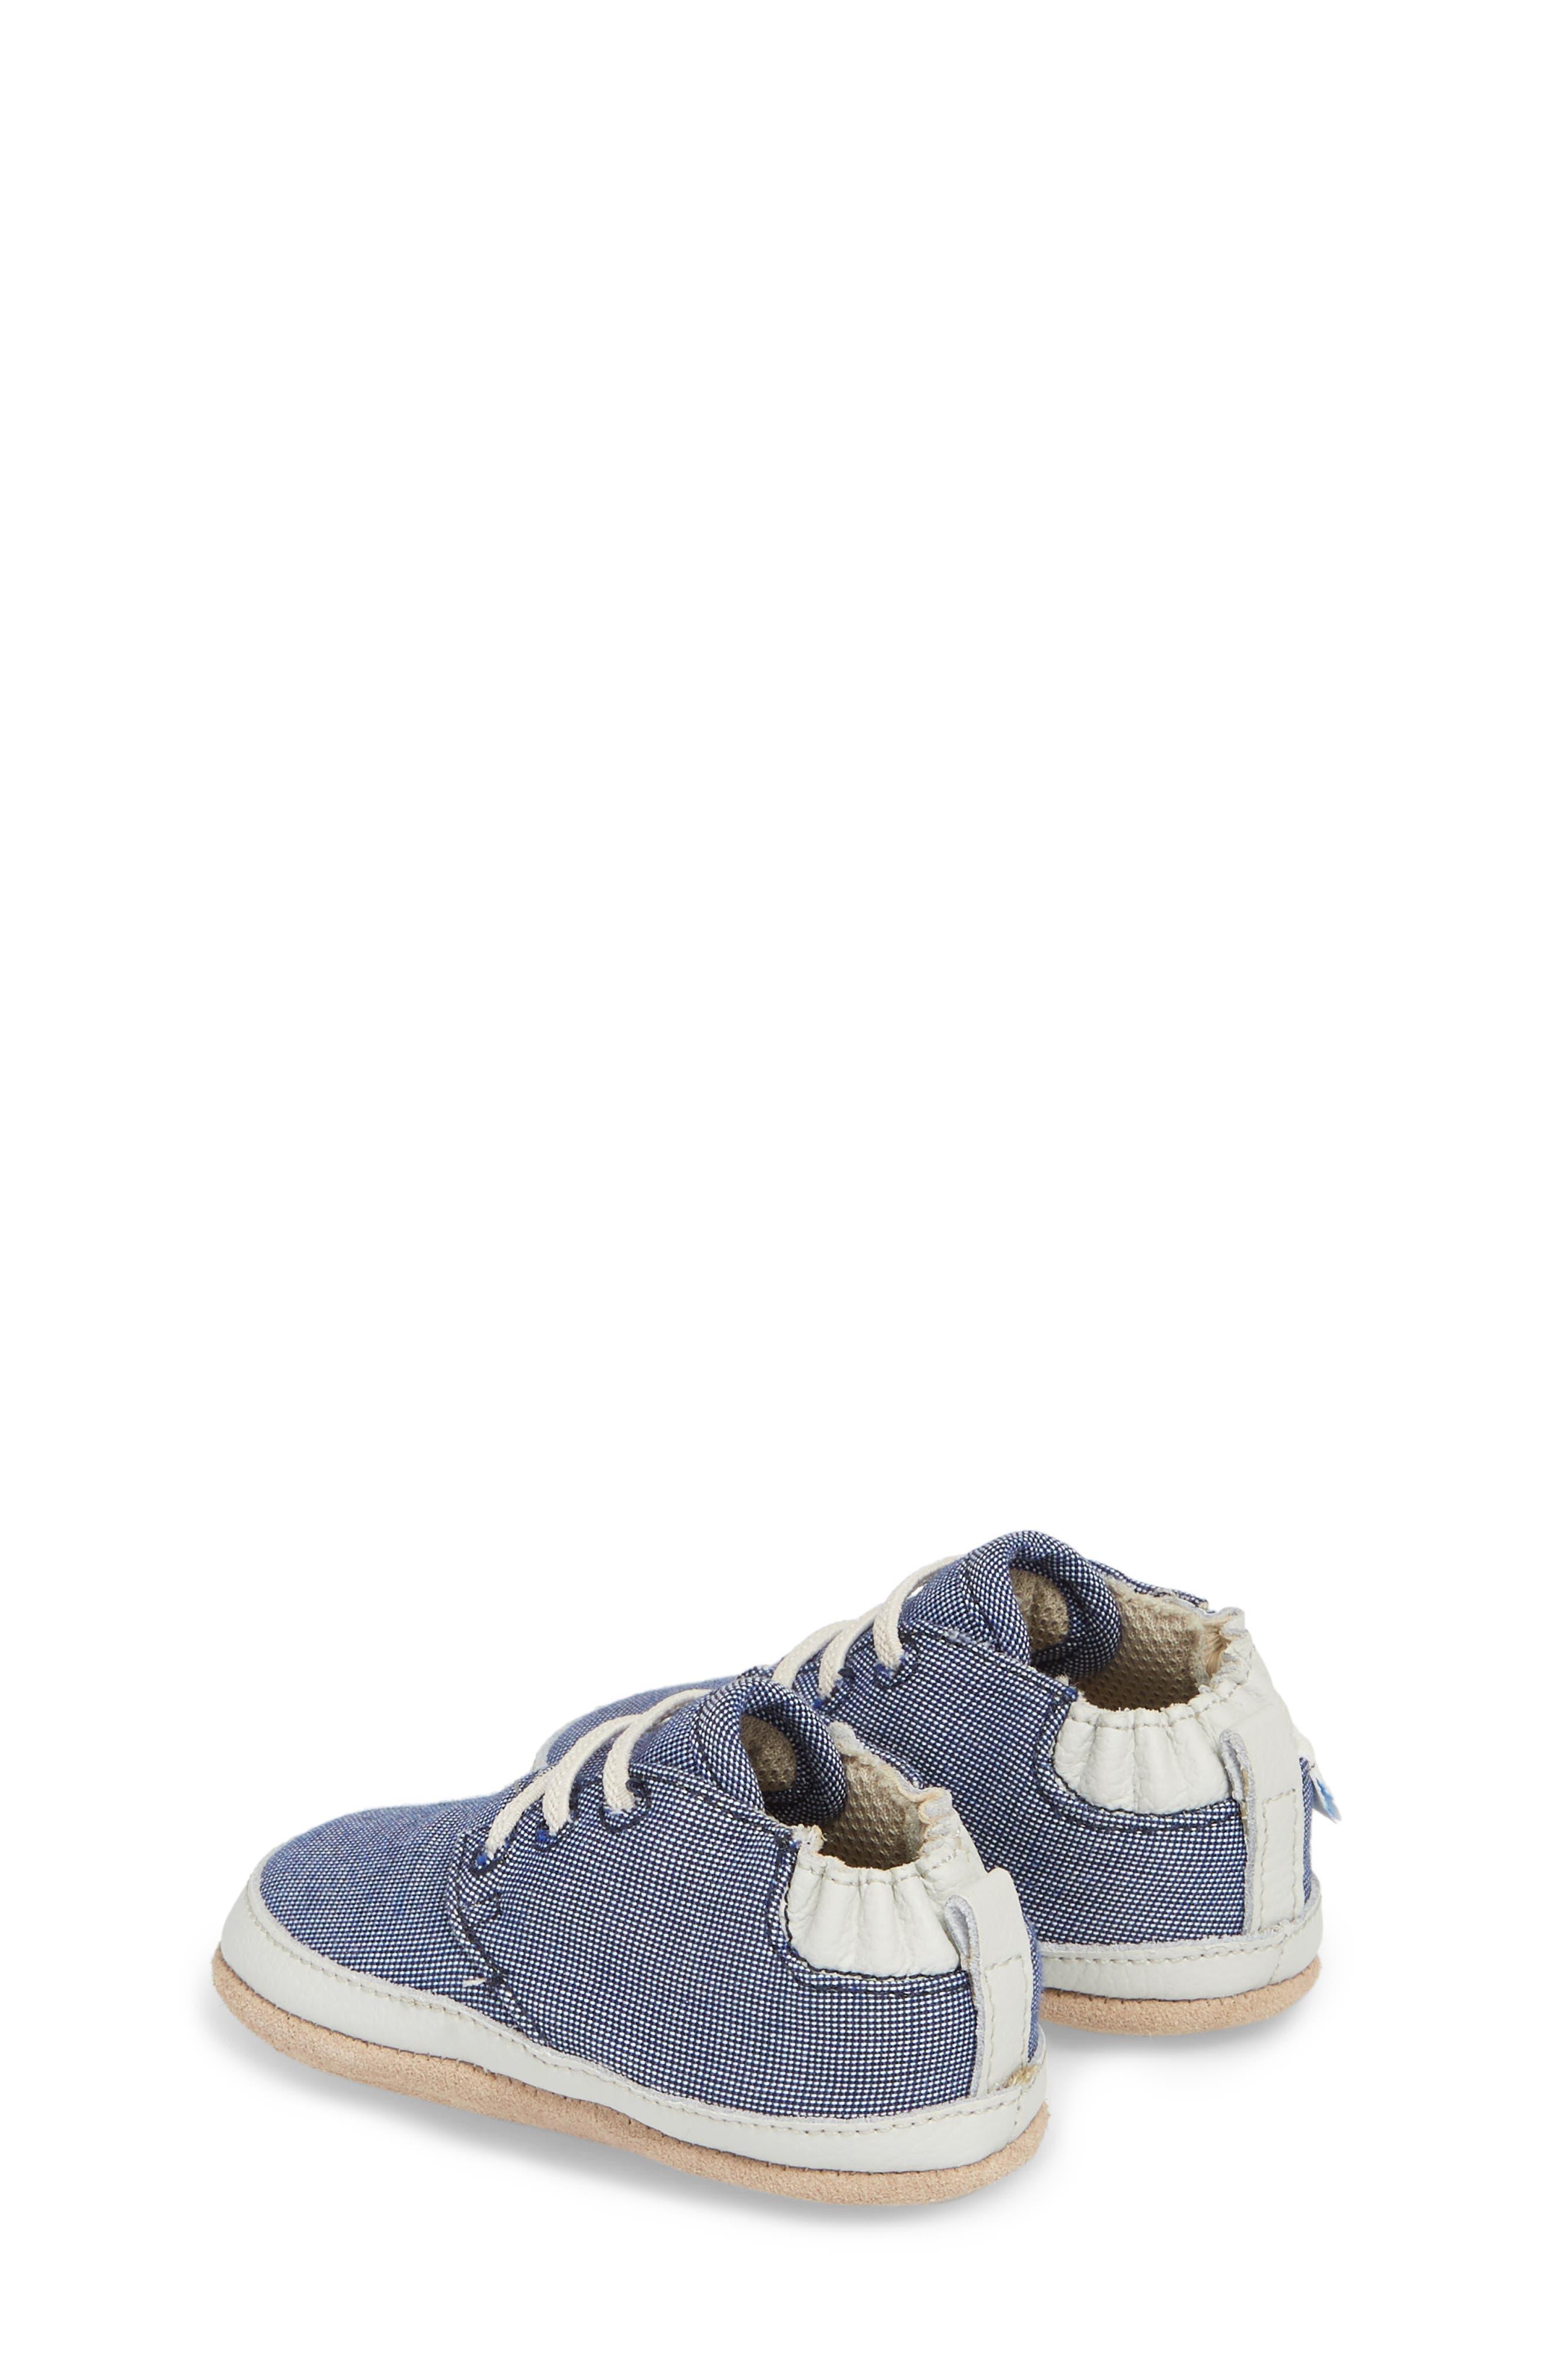 Steven Crib Sneaker,                             Alternate thumbnail 2, color,                             Denim